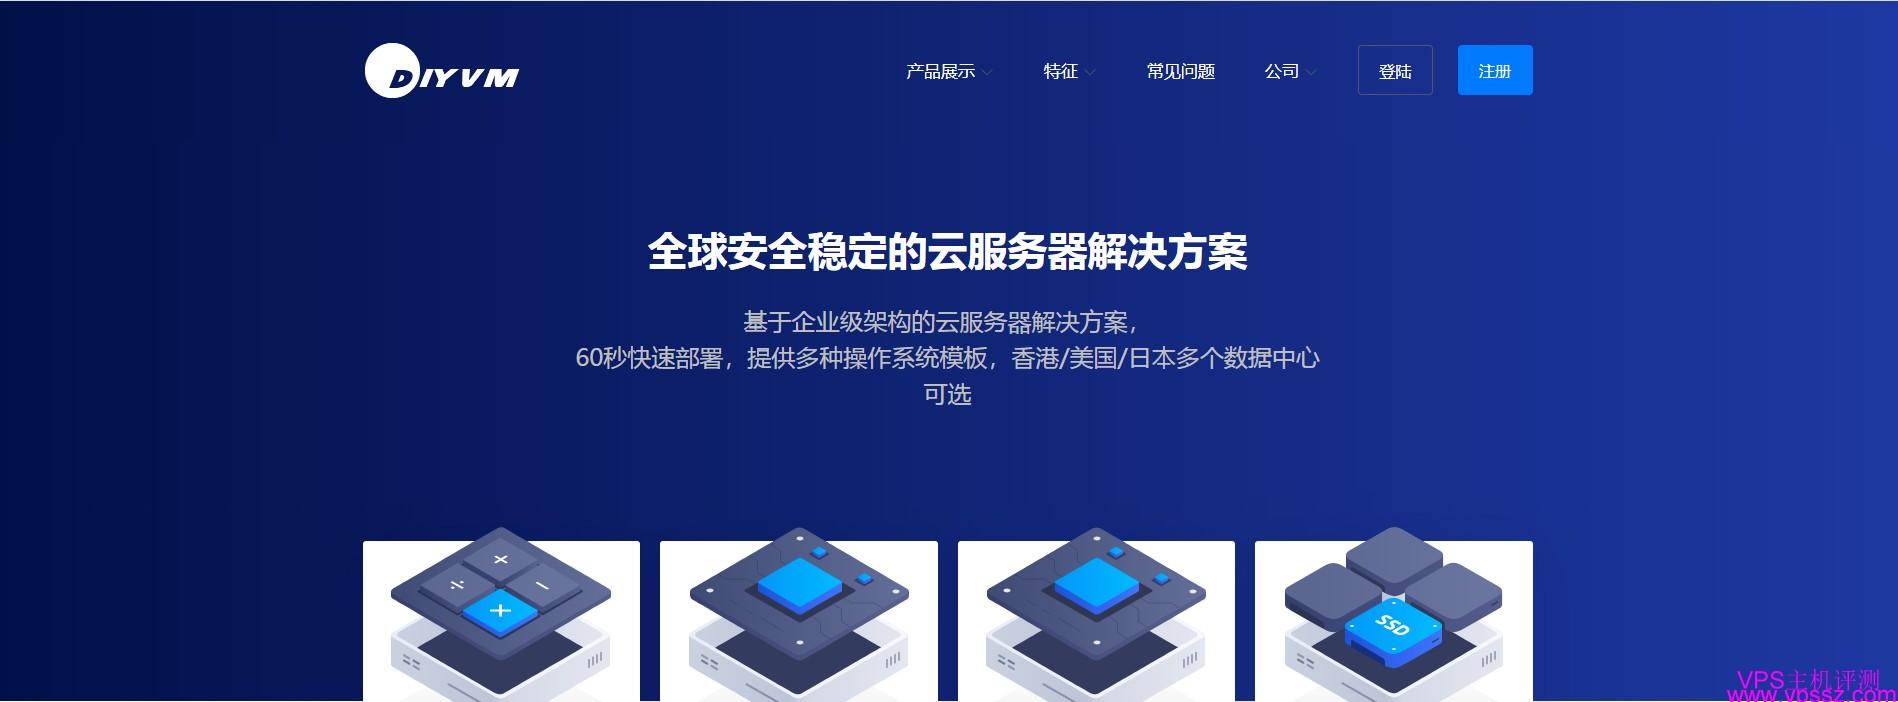 diyvm:香港/日本/美国洛杉矶CN2或者直连线路 2H2G 5Mbps 50元起